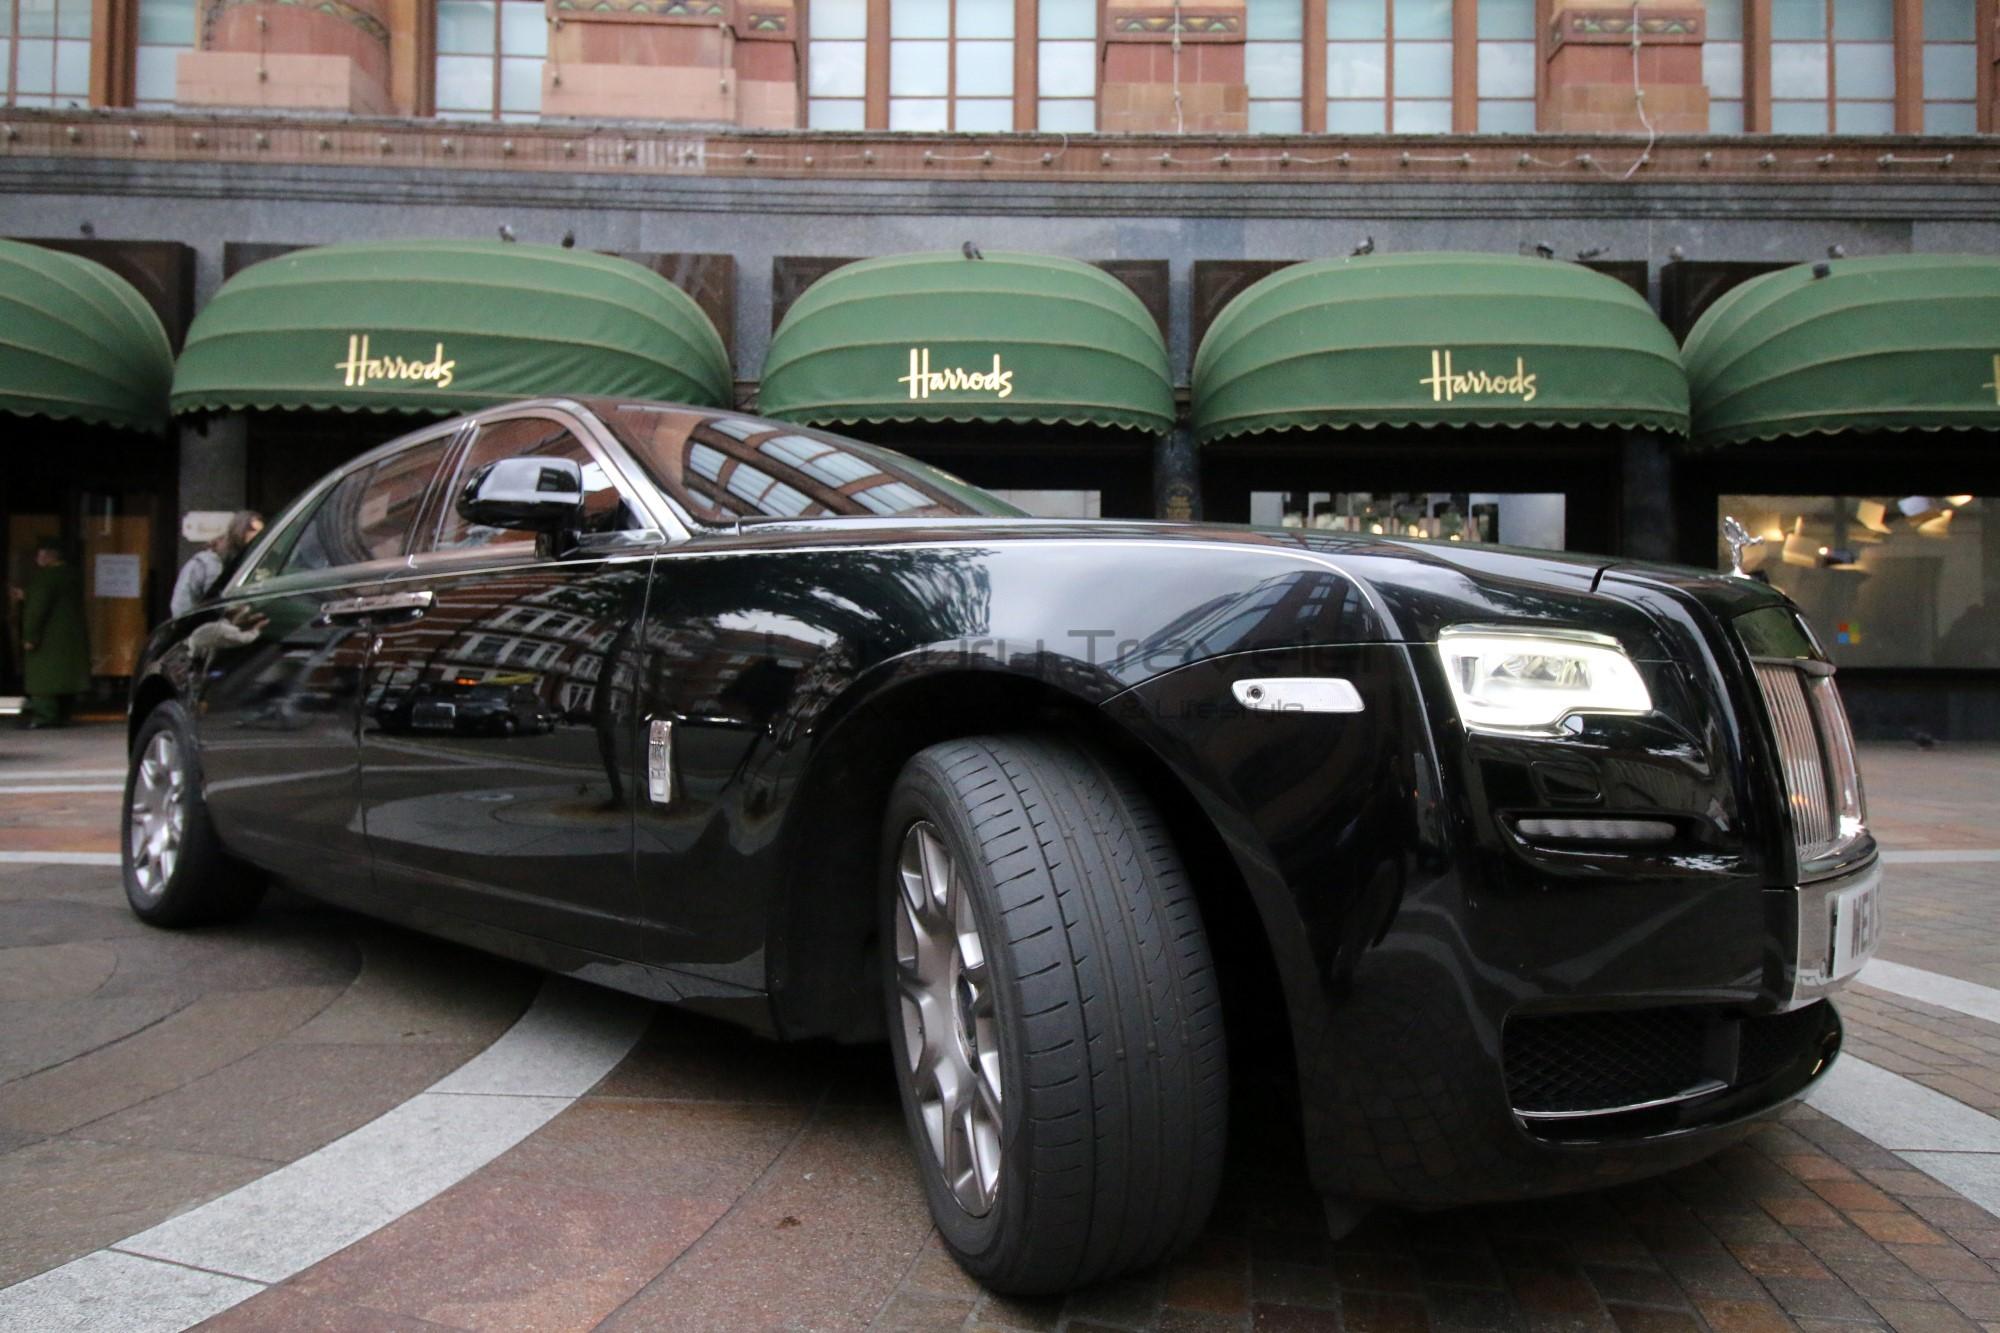 12-rolls_royce_london_uk_harrods_wellesley_hotel